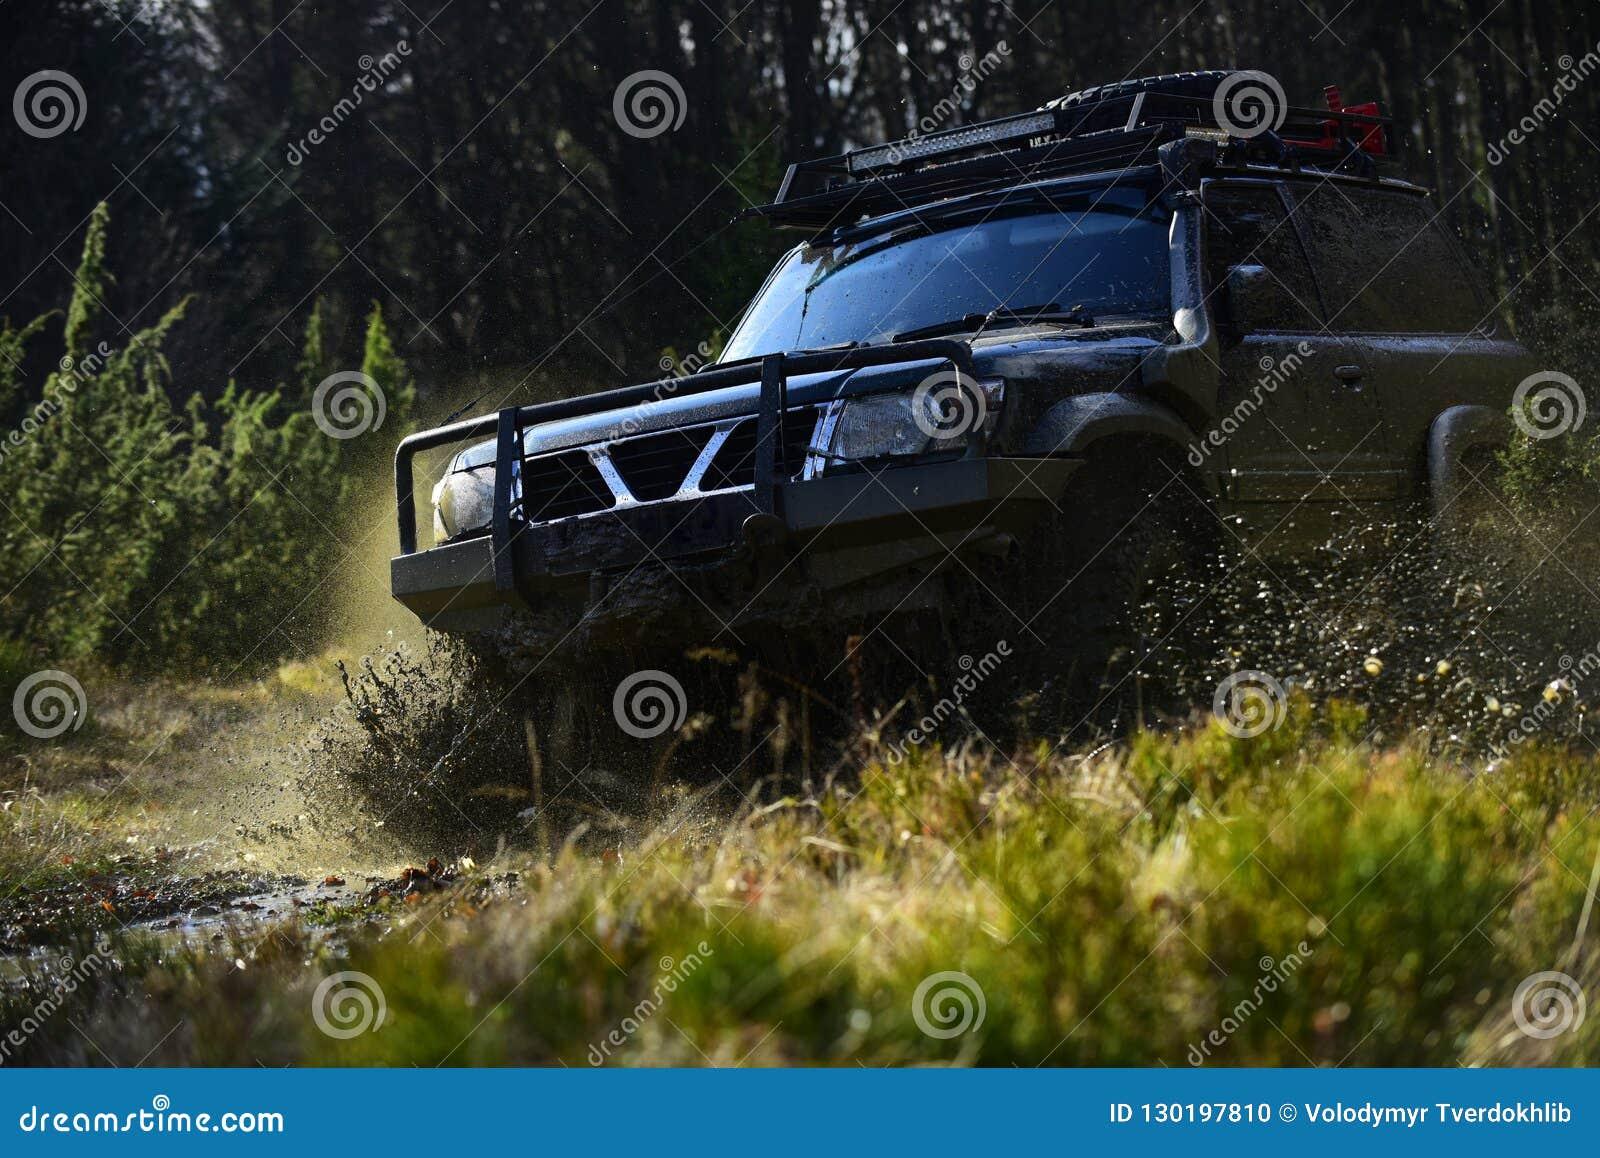 Extrem, Herausforderung und Allradfahrzeugkonzept Rennen nicht für den Straßenverkehr auf Naturhintergrund Autorennen im Wald SUV